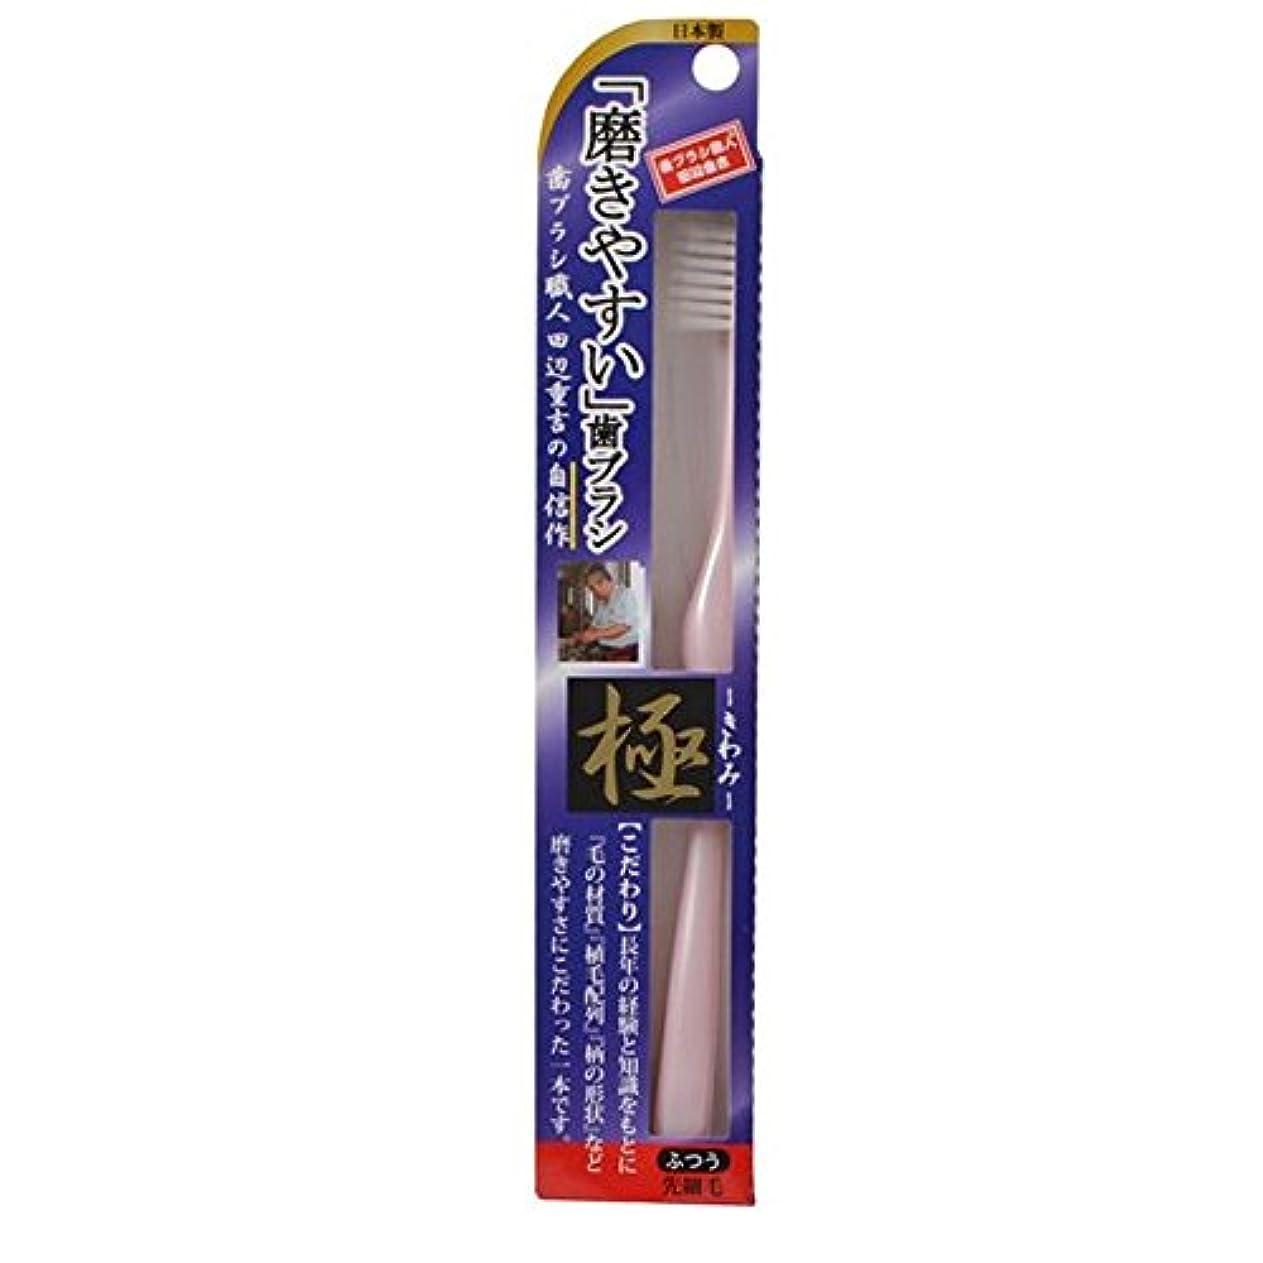 同盟動脈線形磨きやすい歯ブラシ極 LT-22